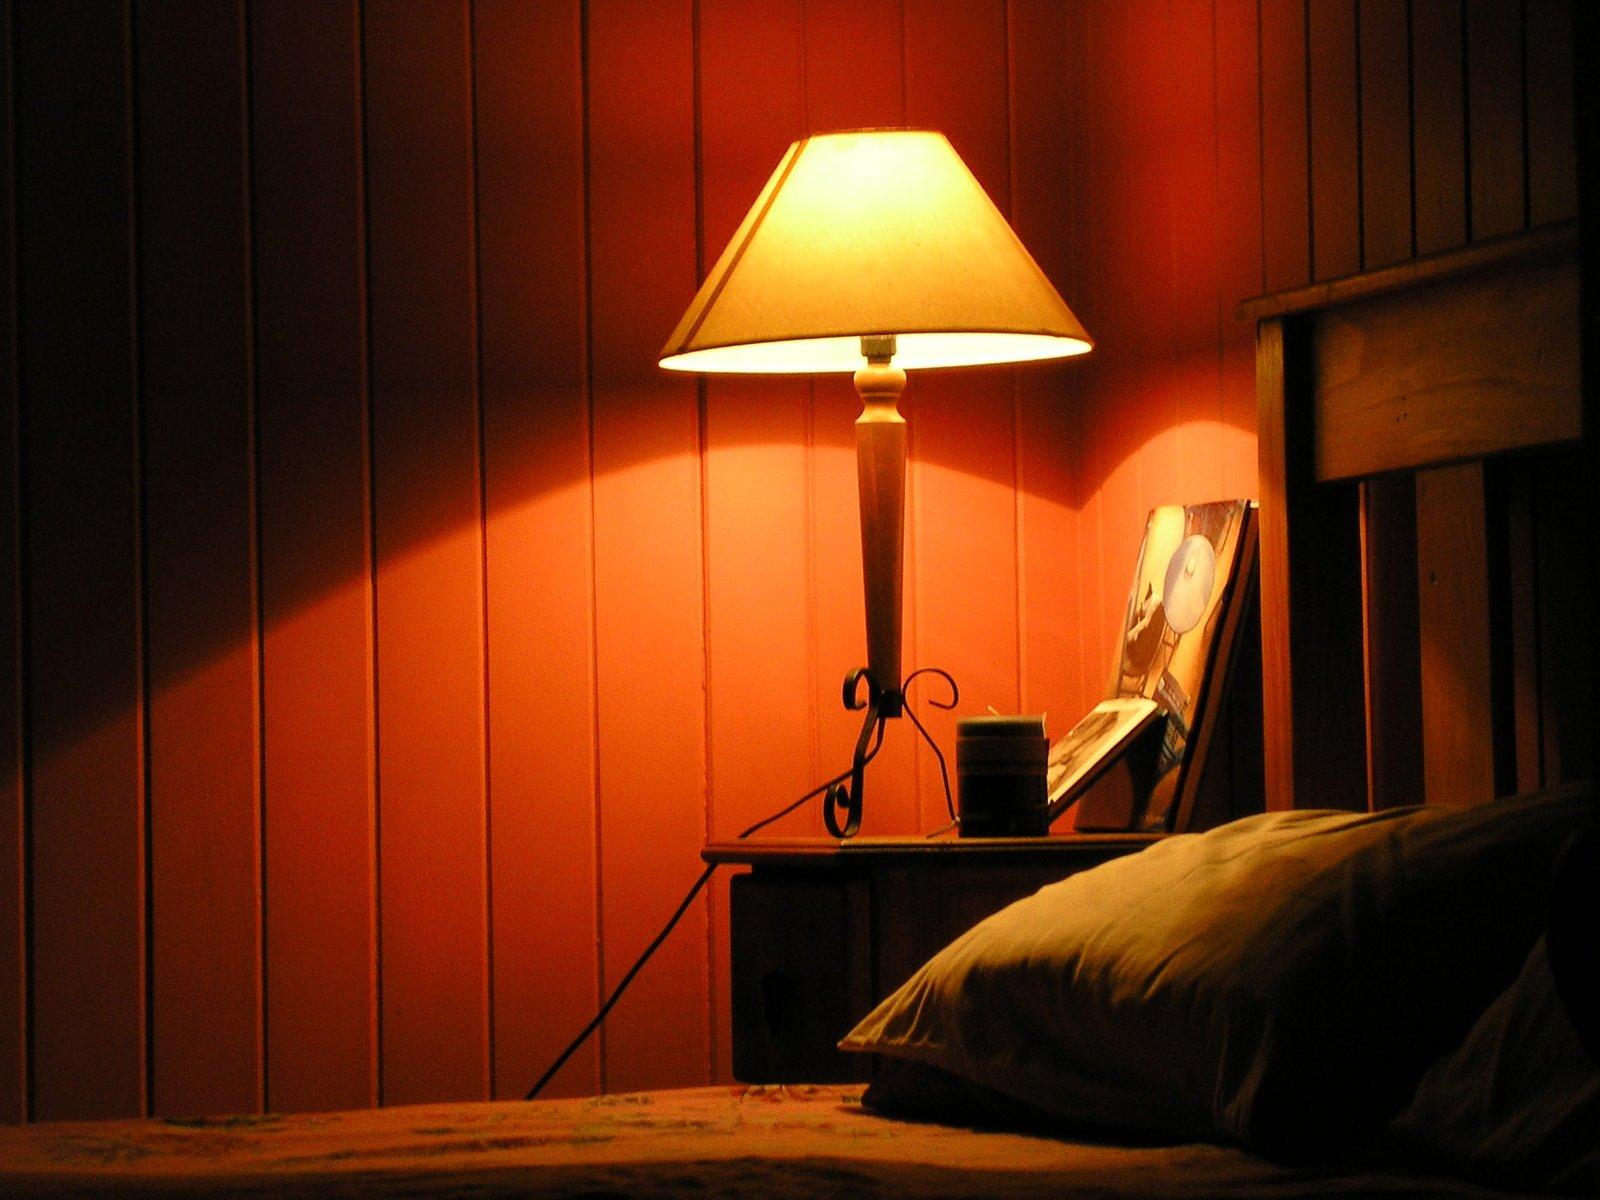 bedside table bedroom light 1543470 - Como escolher cores na Arquitetura: Azul e Vermelho